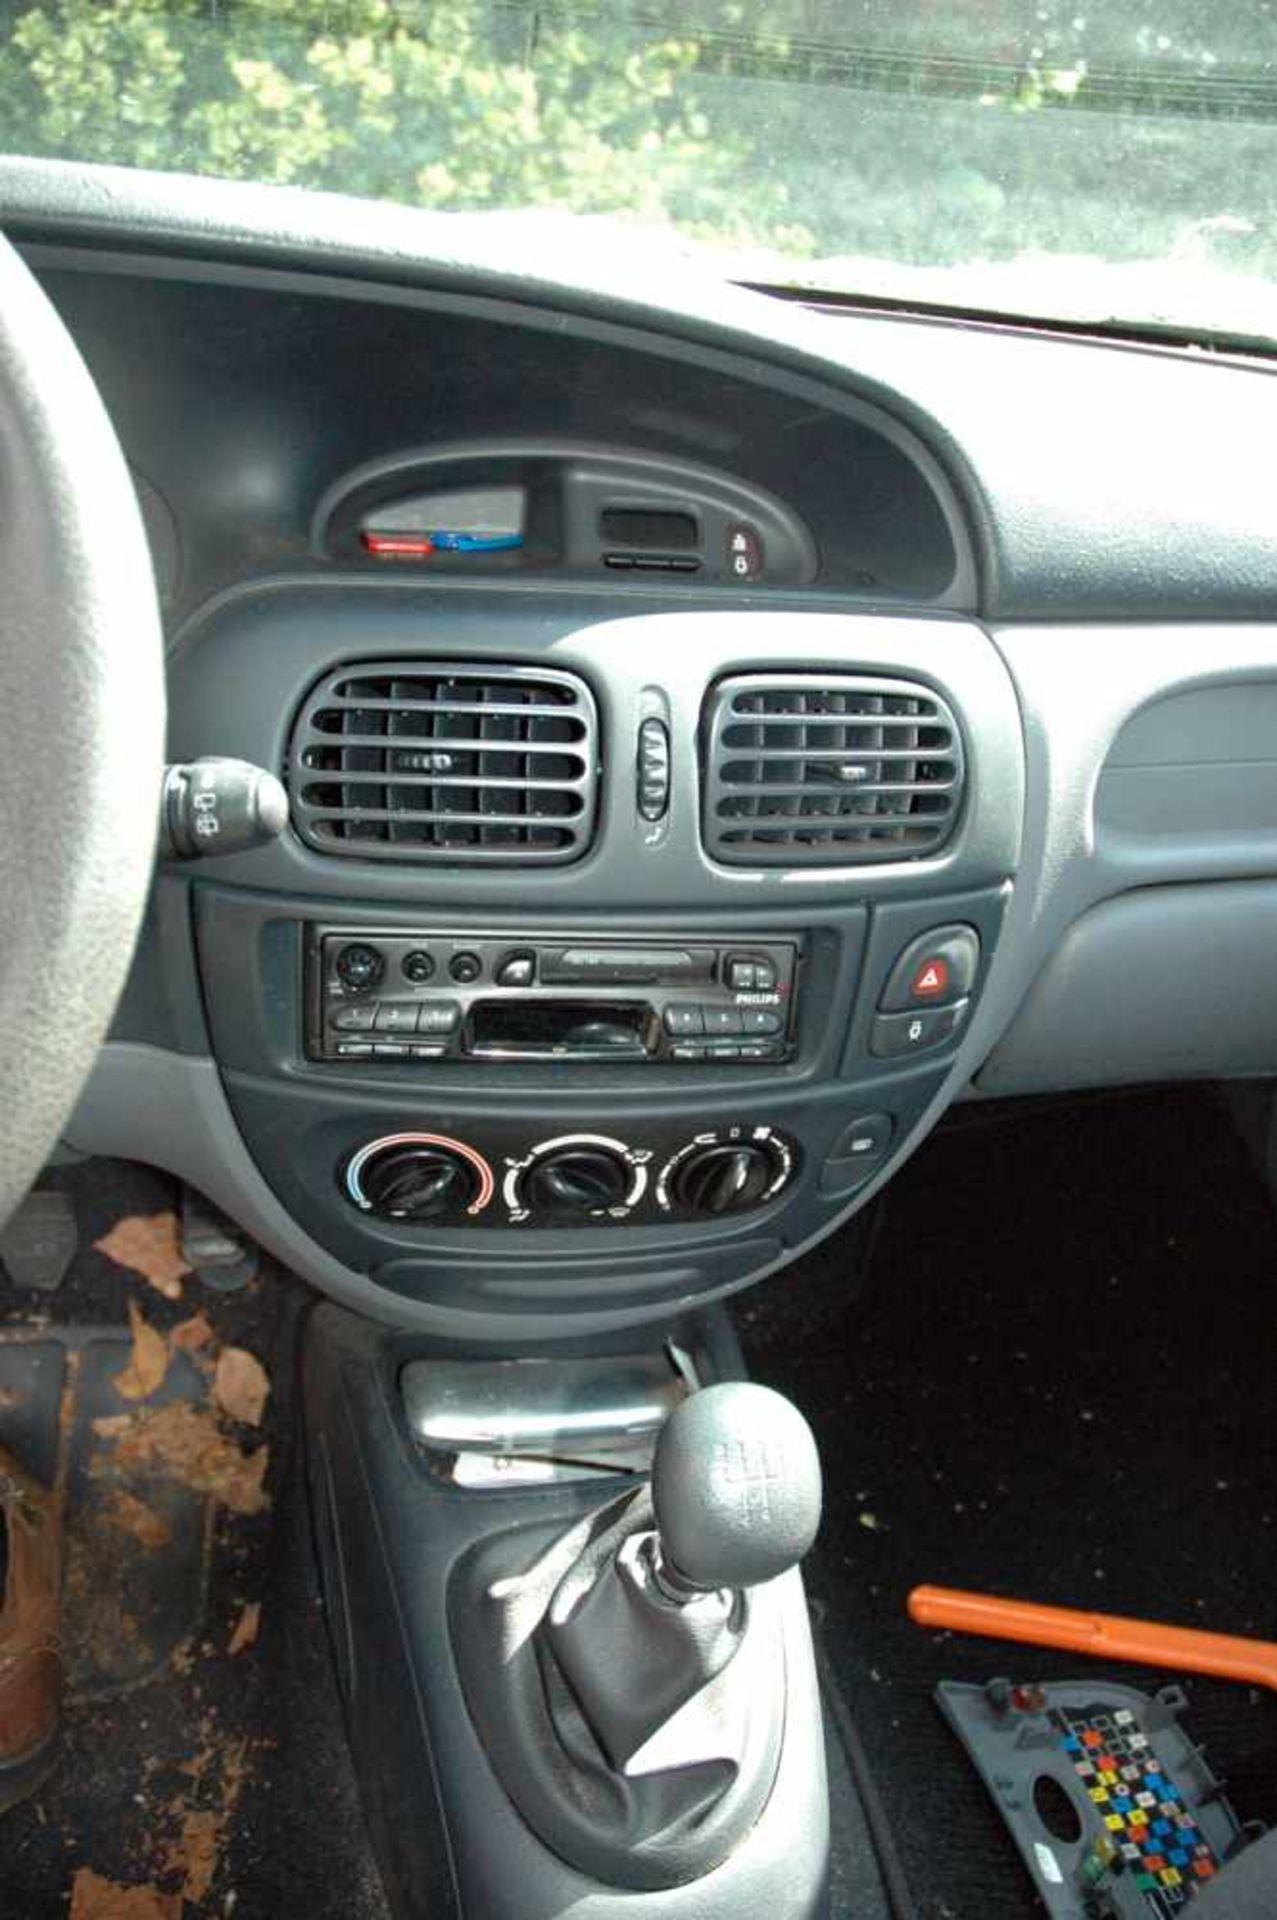 PKW, Renault Megane, EZ 06/99, schwarz - Bild 5 aus 10